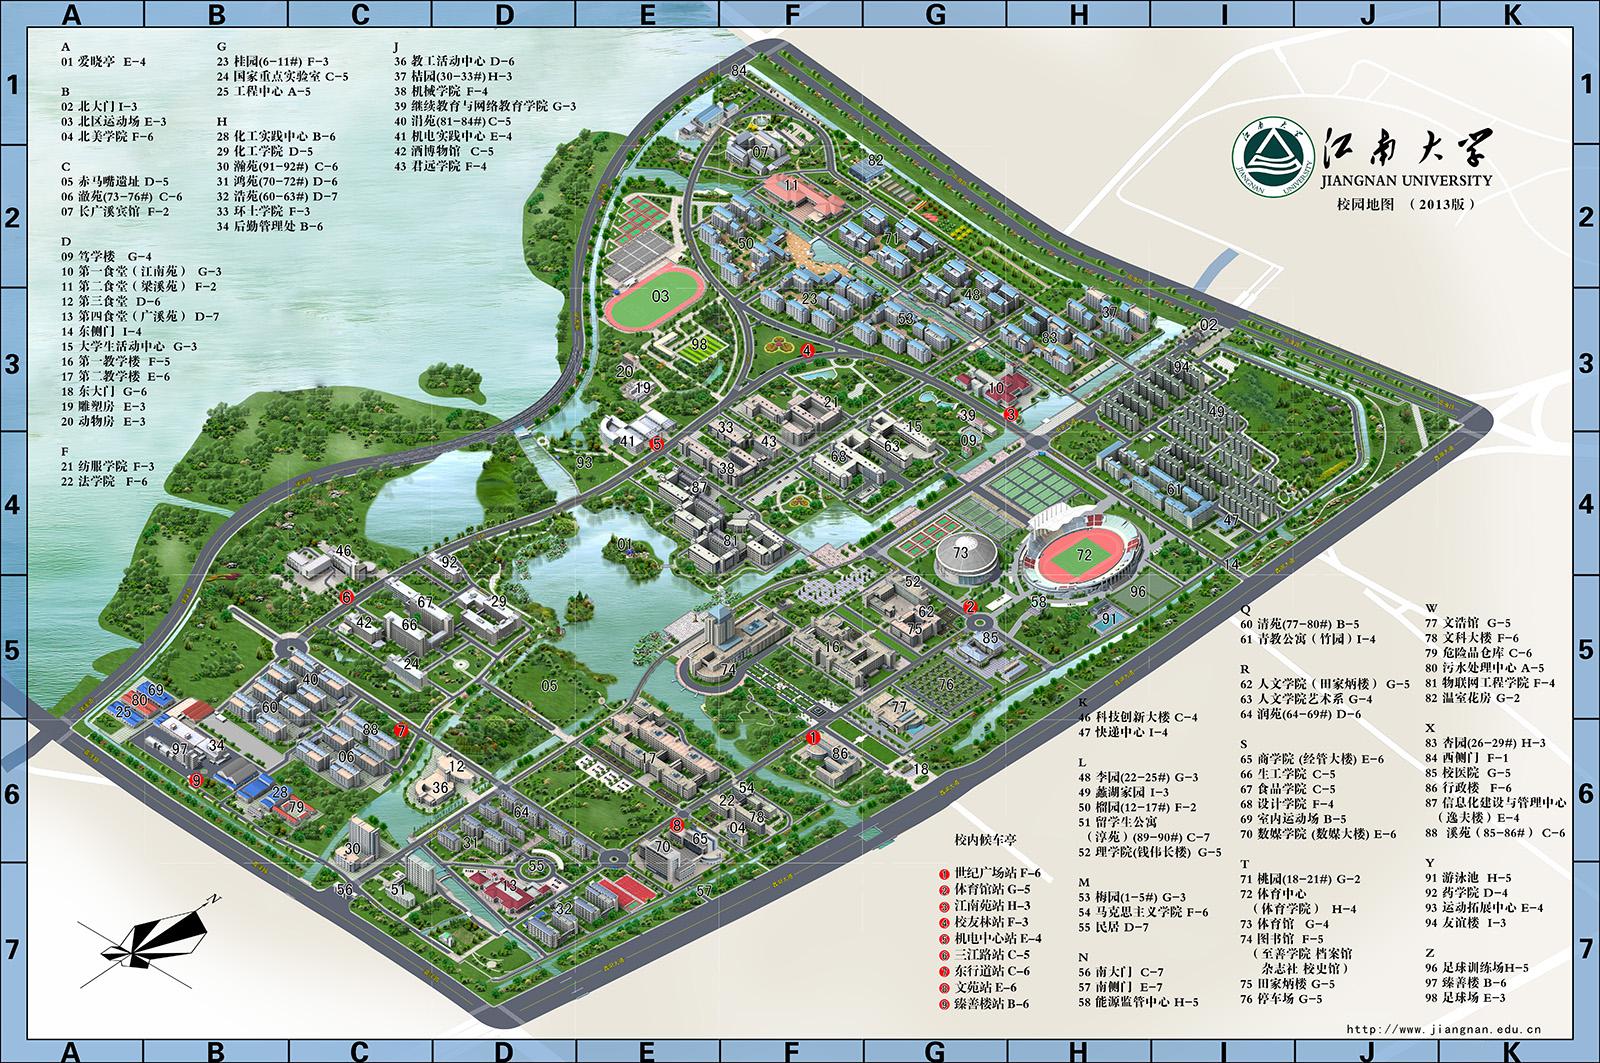 江南大学2013版本校园地图下载